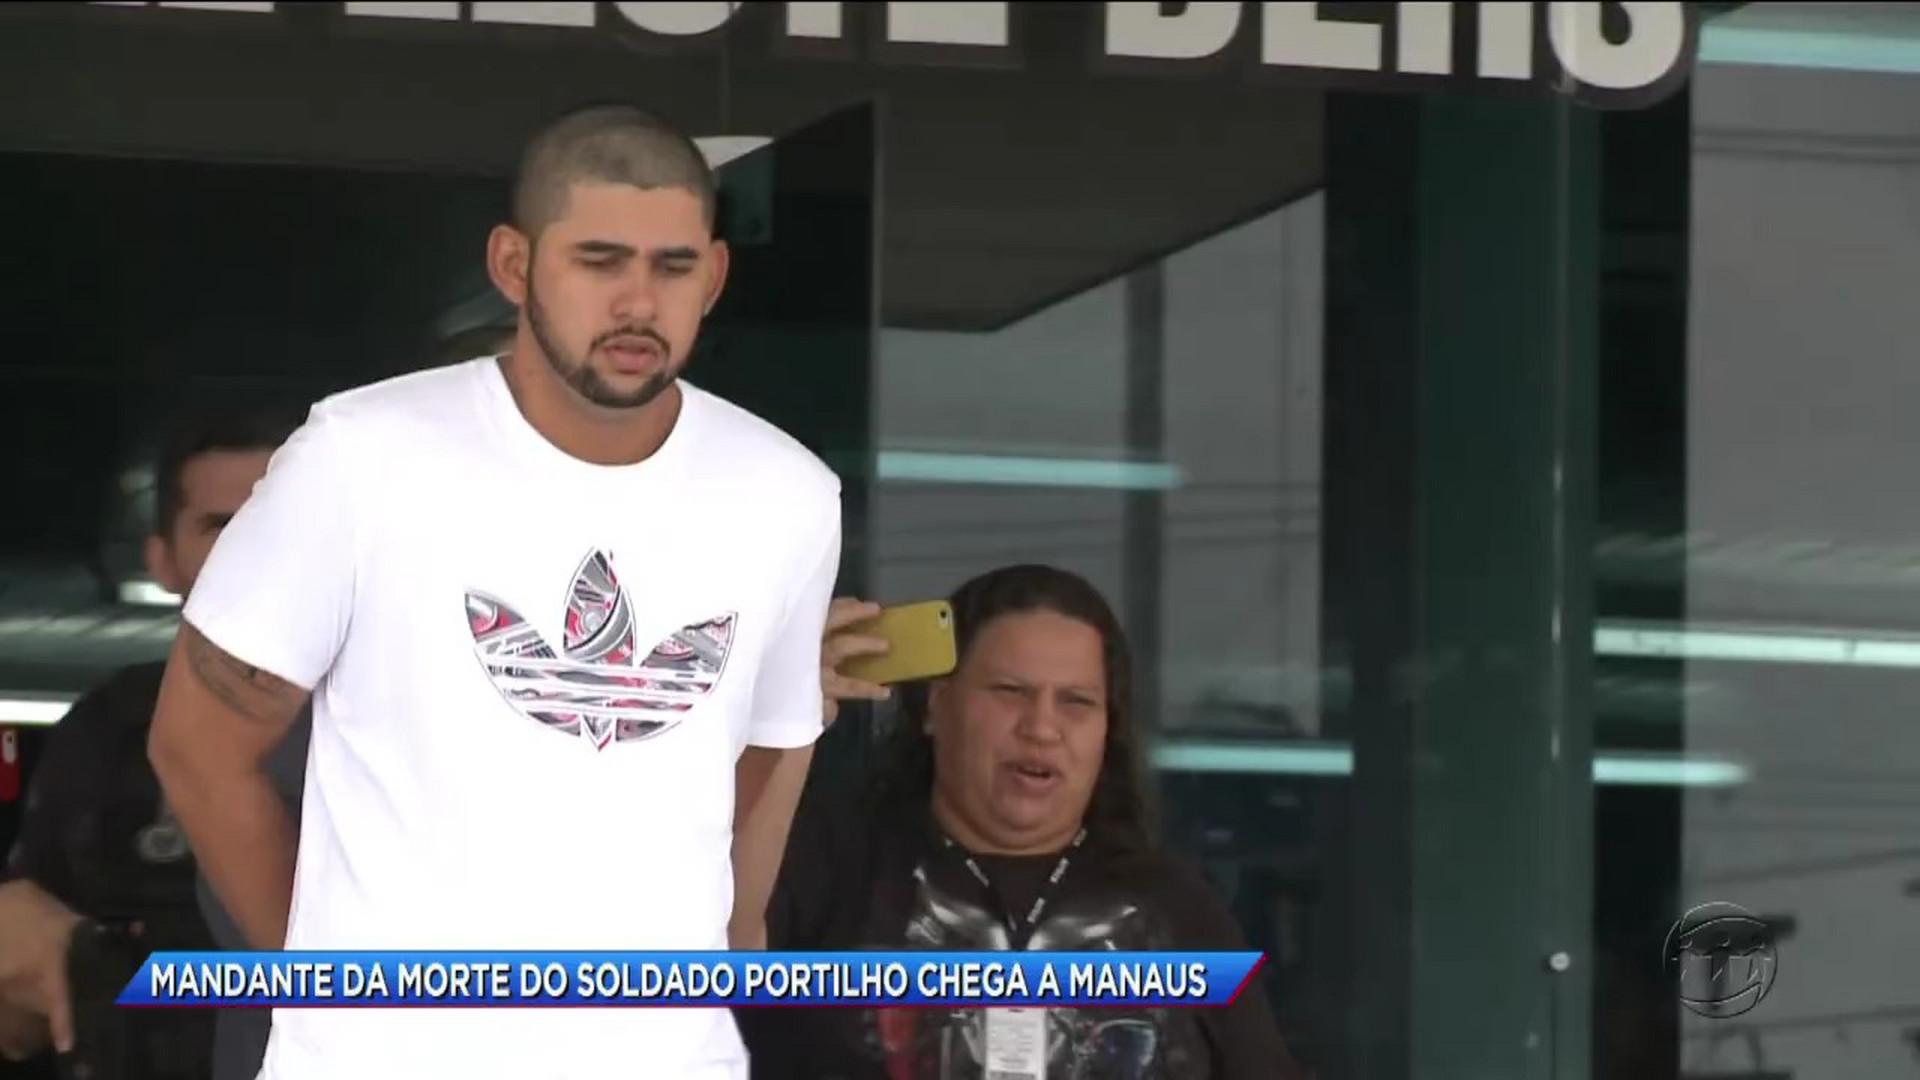 MANDANTE DA MORTE DO SOLDADO PORTILHO CHEGA A MANAUS - Cidade Alerta Manaus - 17/11/17 - Eventos 17/11/2017